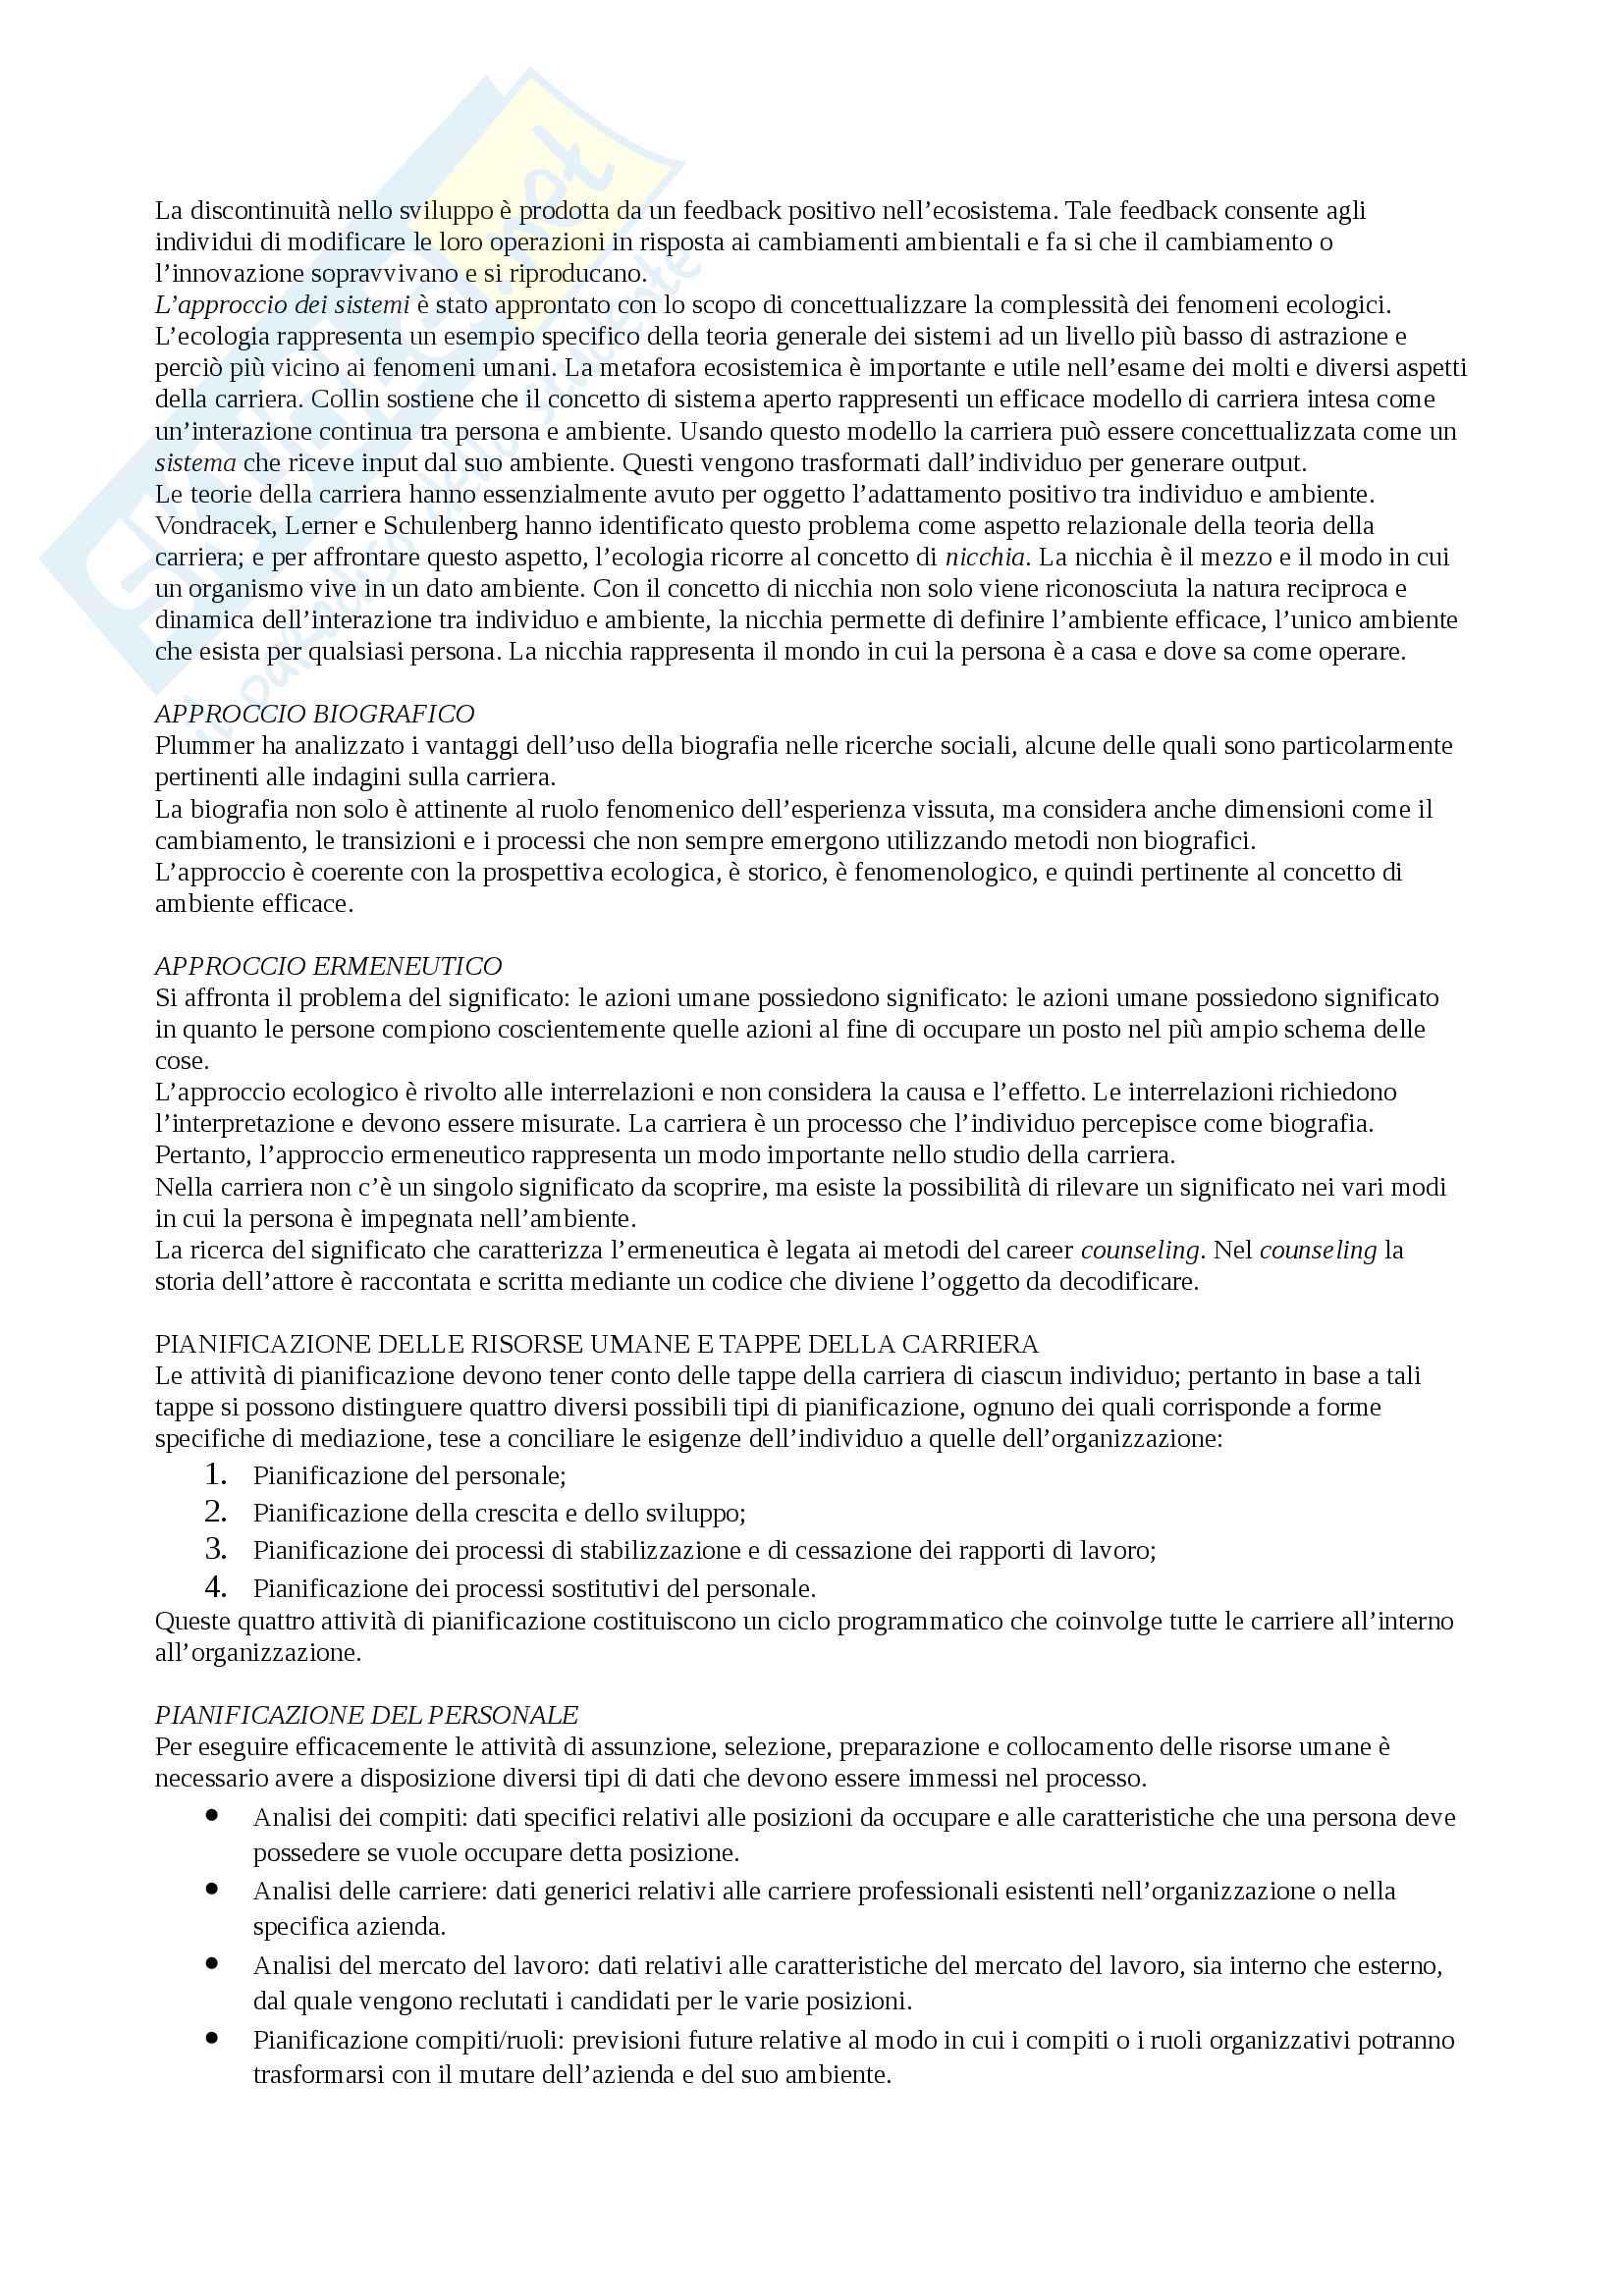 Sunto Psicologia del lavoro e delle organizzazioni, docente Maeran, libro consigliato Psicologia del mondo del lavoro, Pedon e Maeran Pag. 36